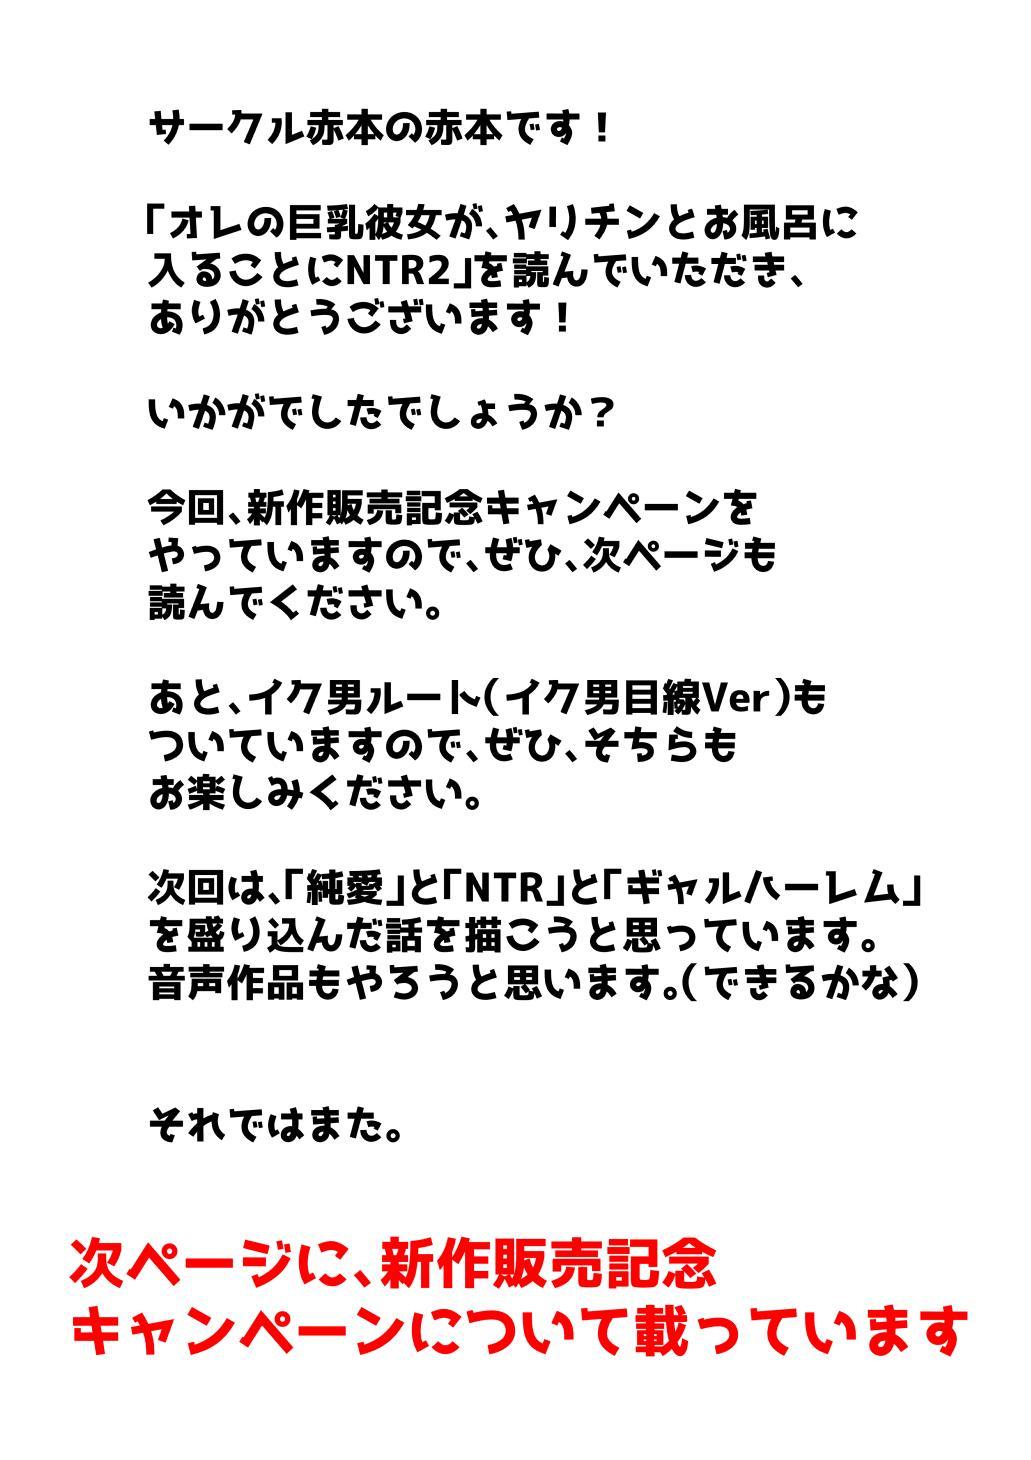 Ore no Kyonyuu Kanojo ga, Yarichin to Ofuro ni Hairu Koto ni NTR 2 | My big boobs girlfriend is take a shower with playboy NTR 2 104